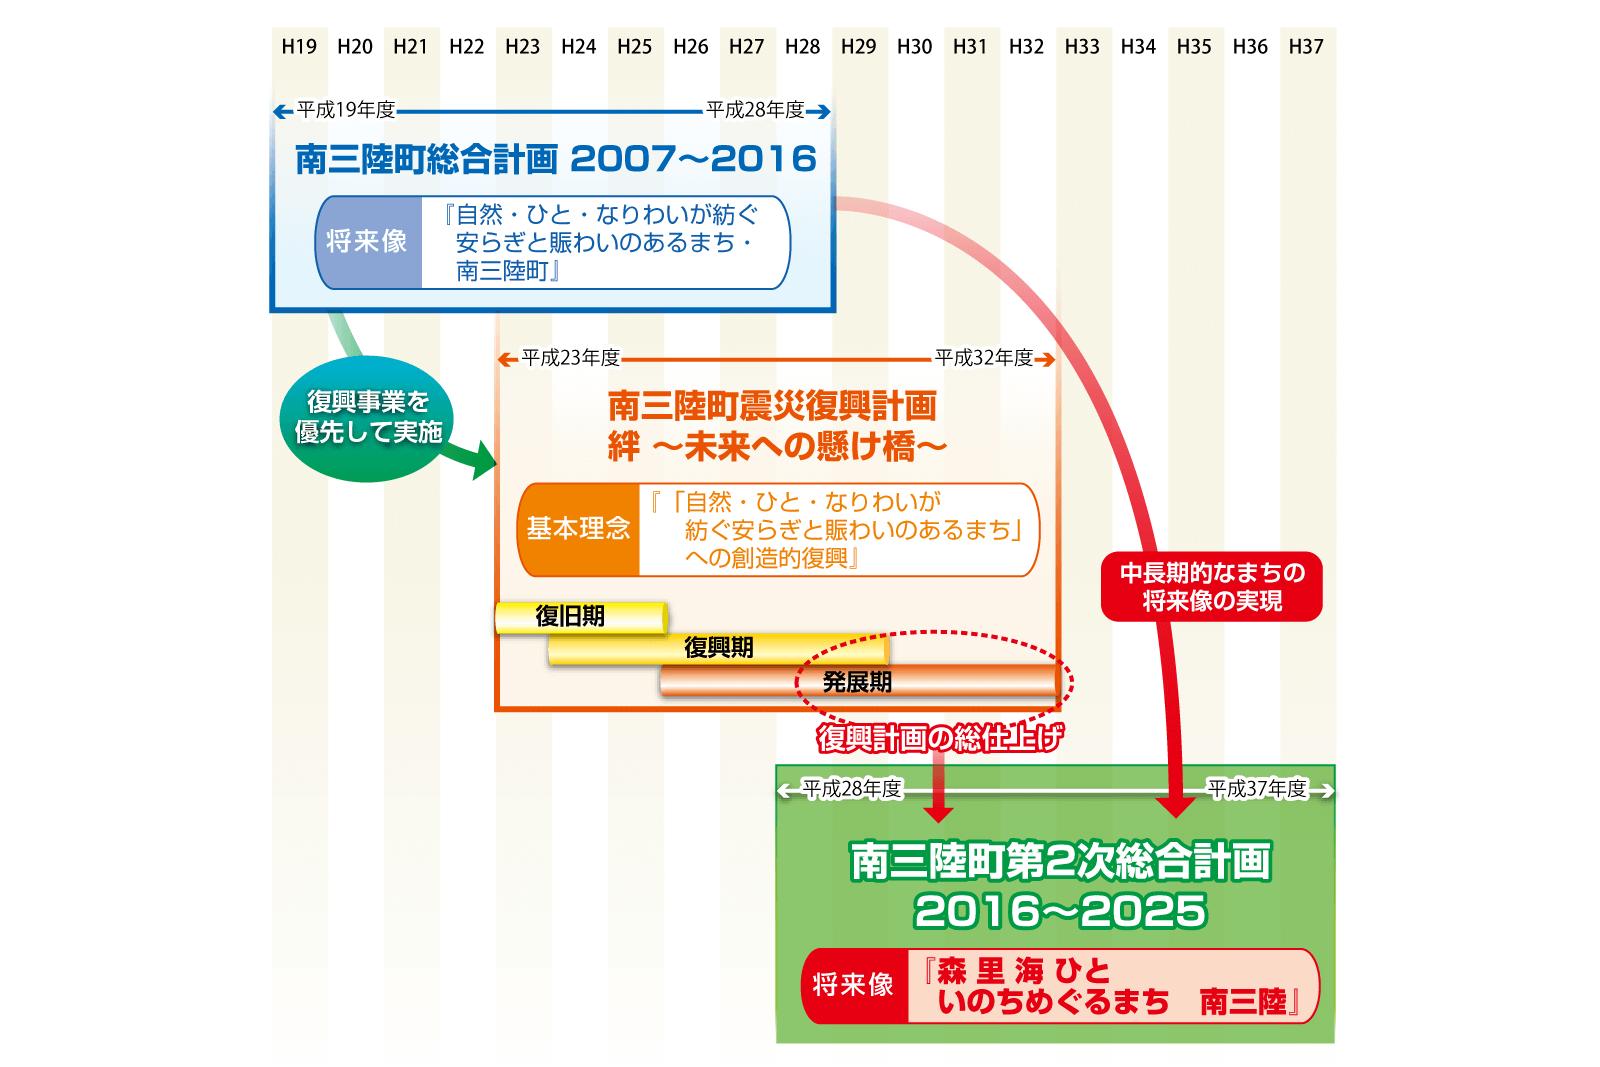 sougoukeikaku 2